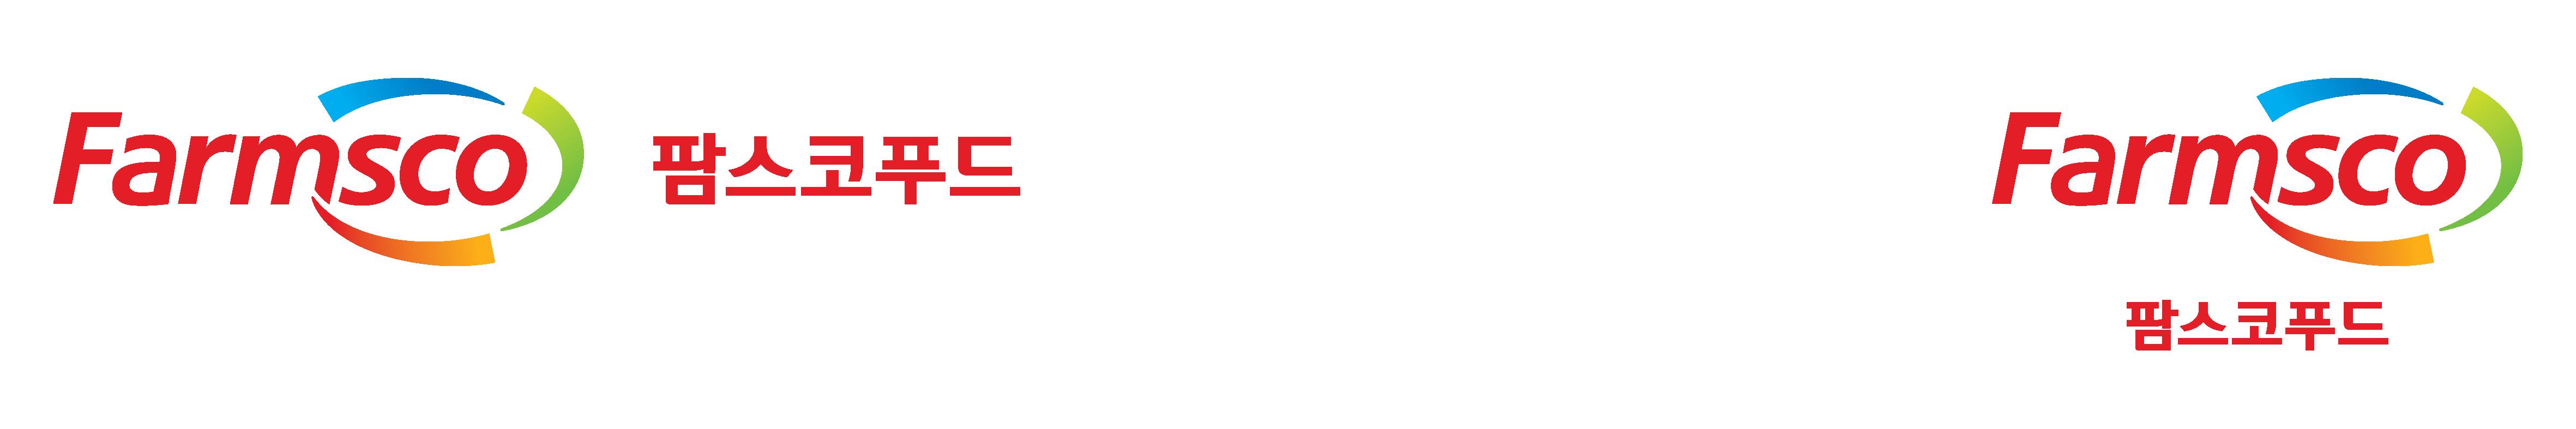 (주)팜스코푸드